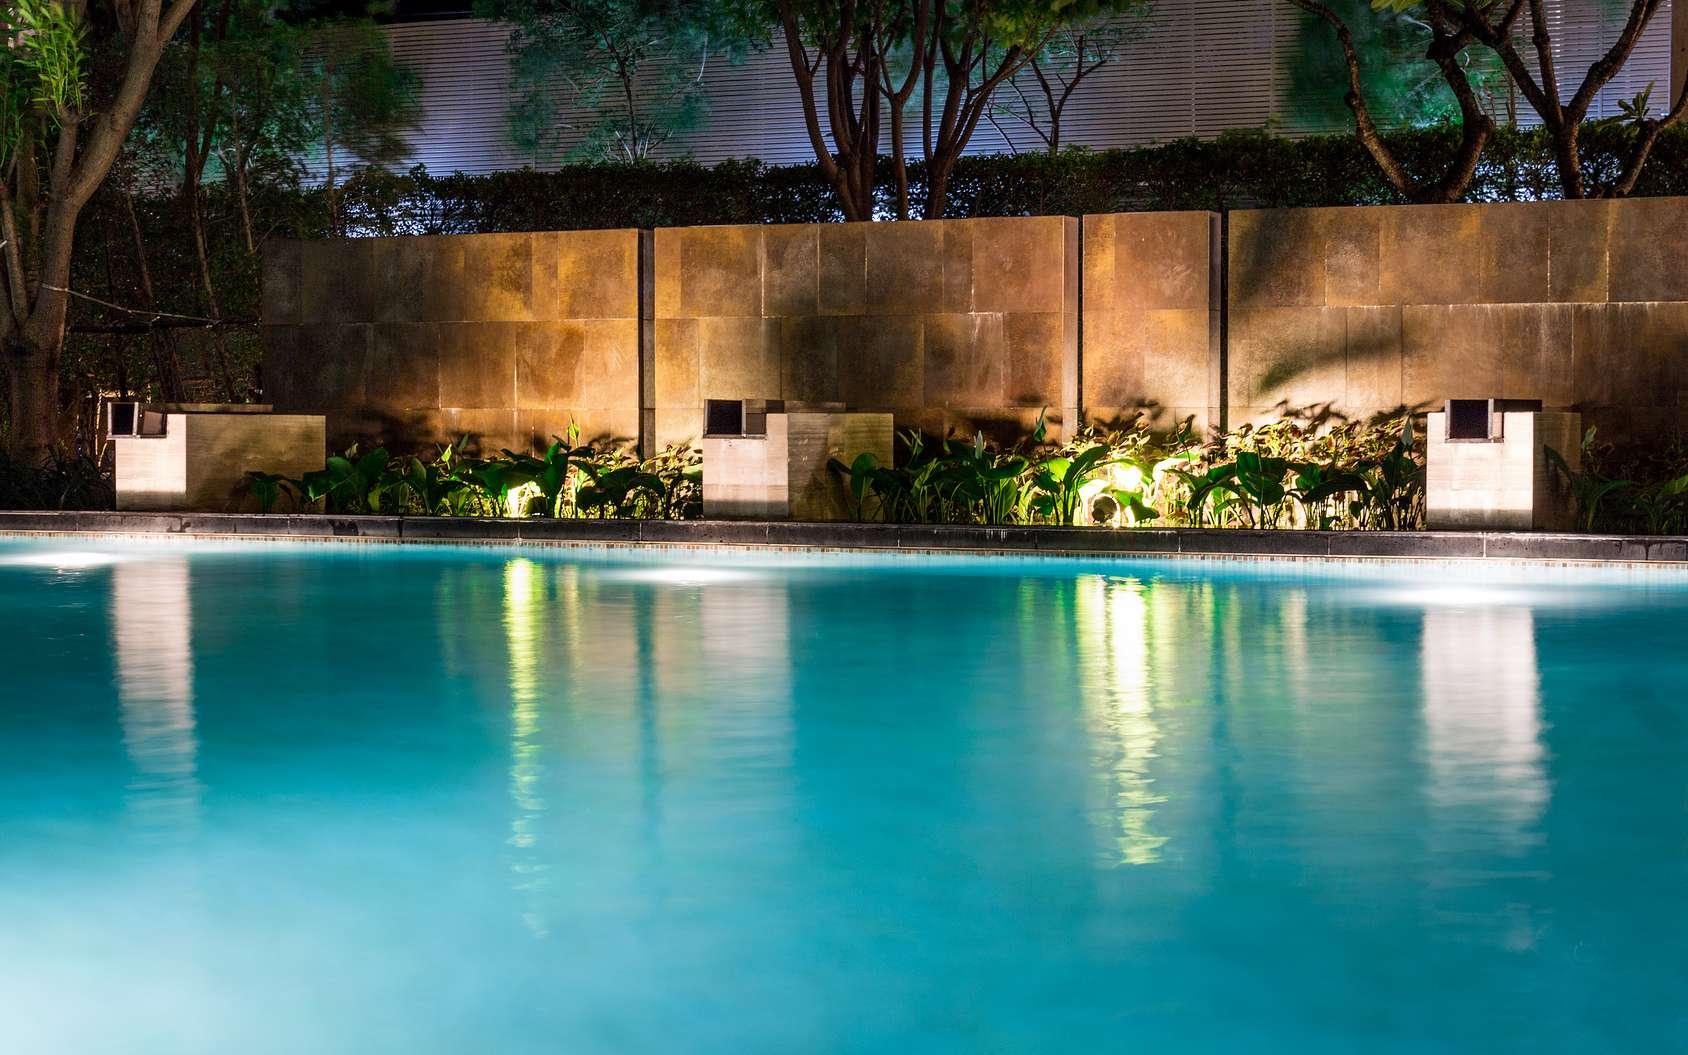 Eclairage Led Autour Piscine comment éclairer sa piscine ?